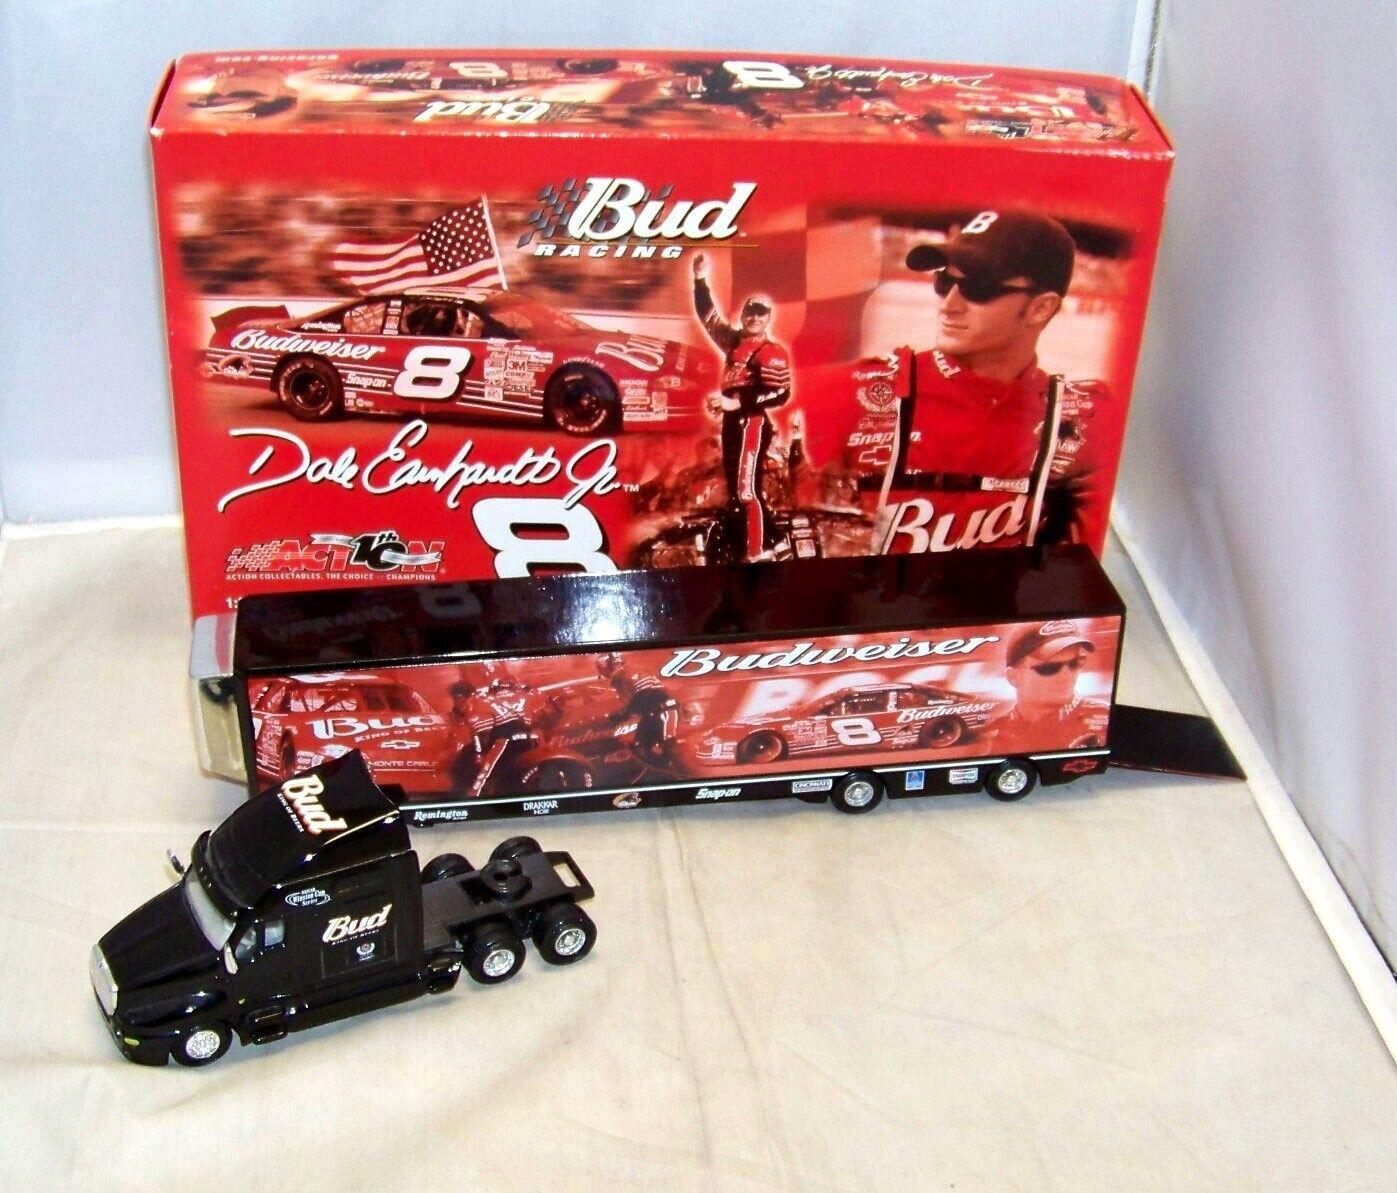 tienda de descuento 1 64 acción 2003  8 Budweiser Souvenir Rig Rig Rig Hauler camión Dale Earnhardt Jr Club  selección larga